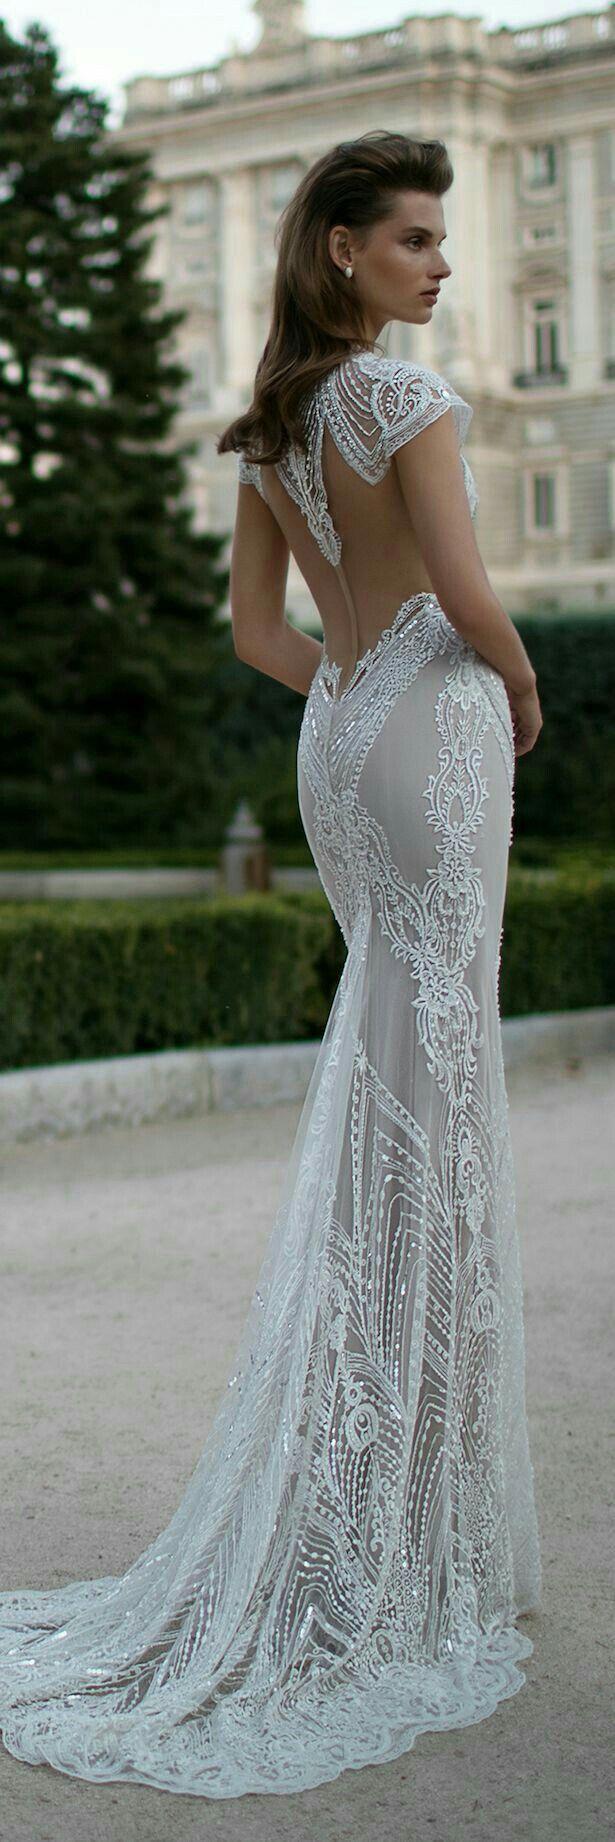 Mariage - Bridal Looks